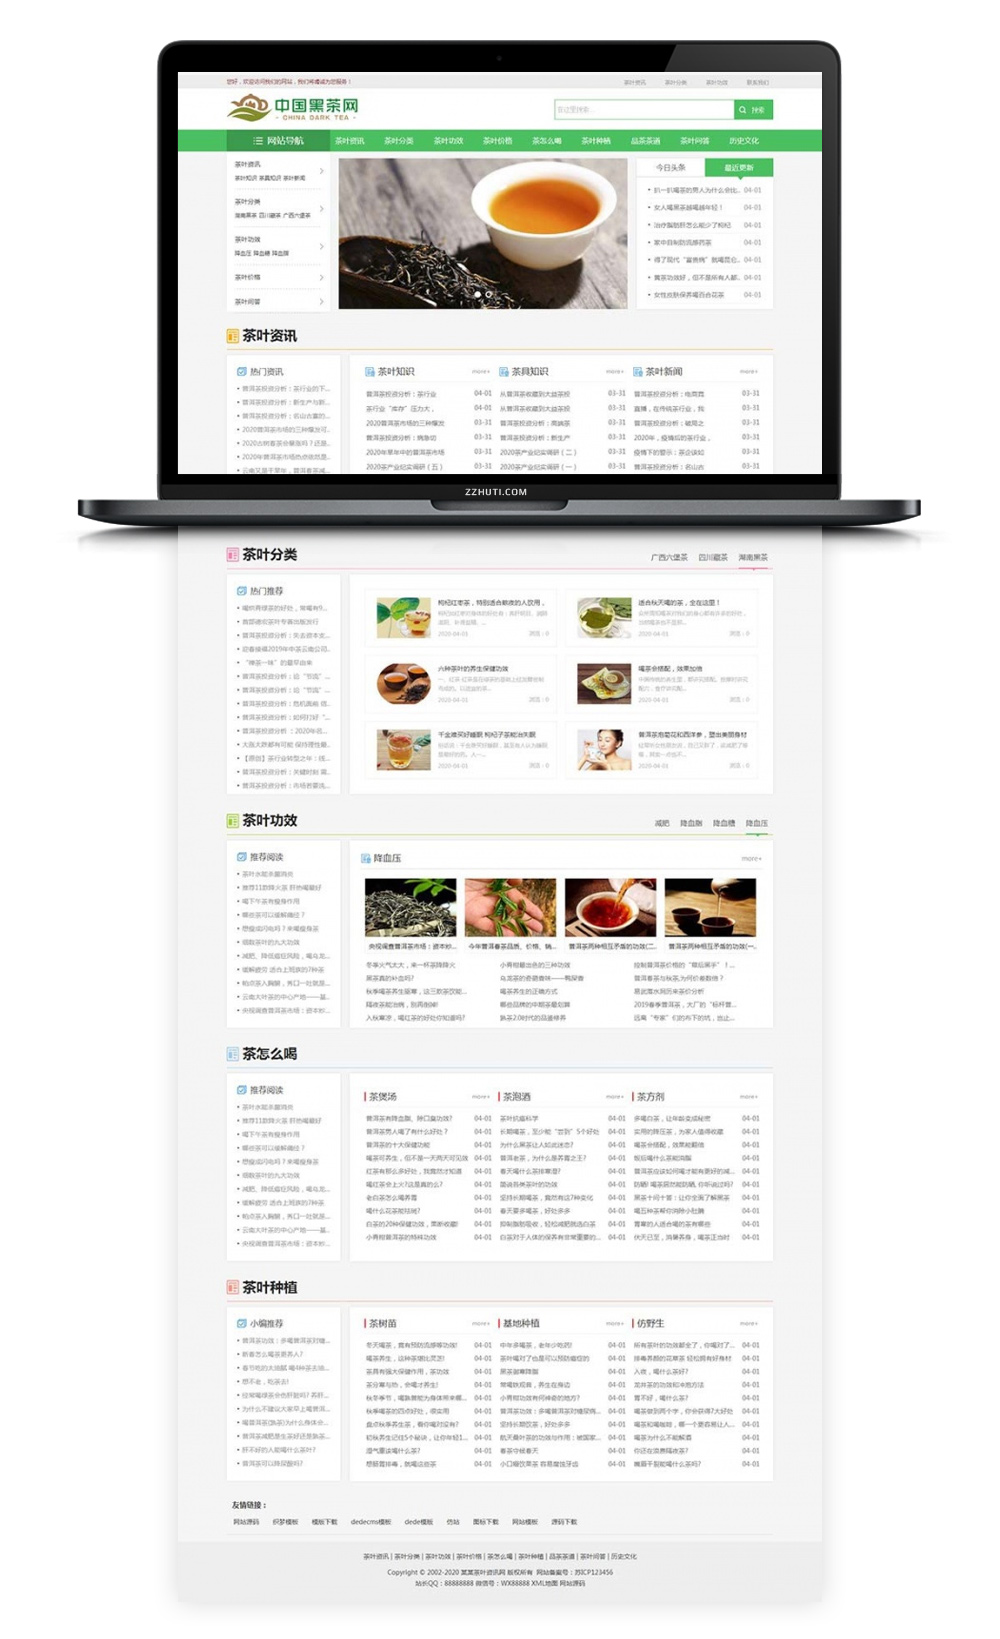 【织梦资讯站模板】HTML5响应式茶艺文化知识文章网站源码自适应手机端模板-蓝汇源码